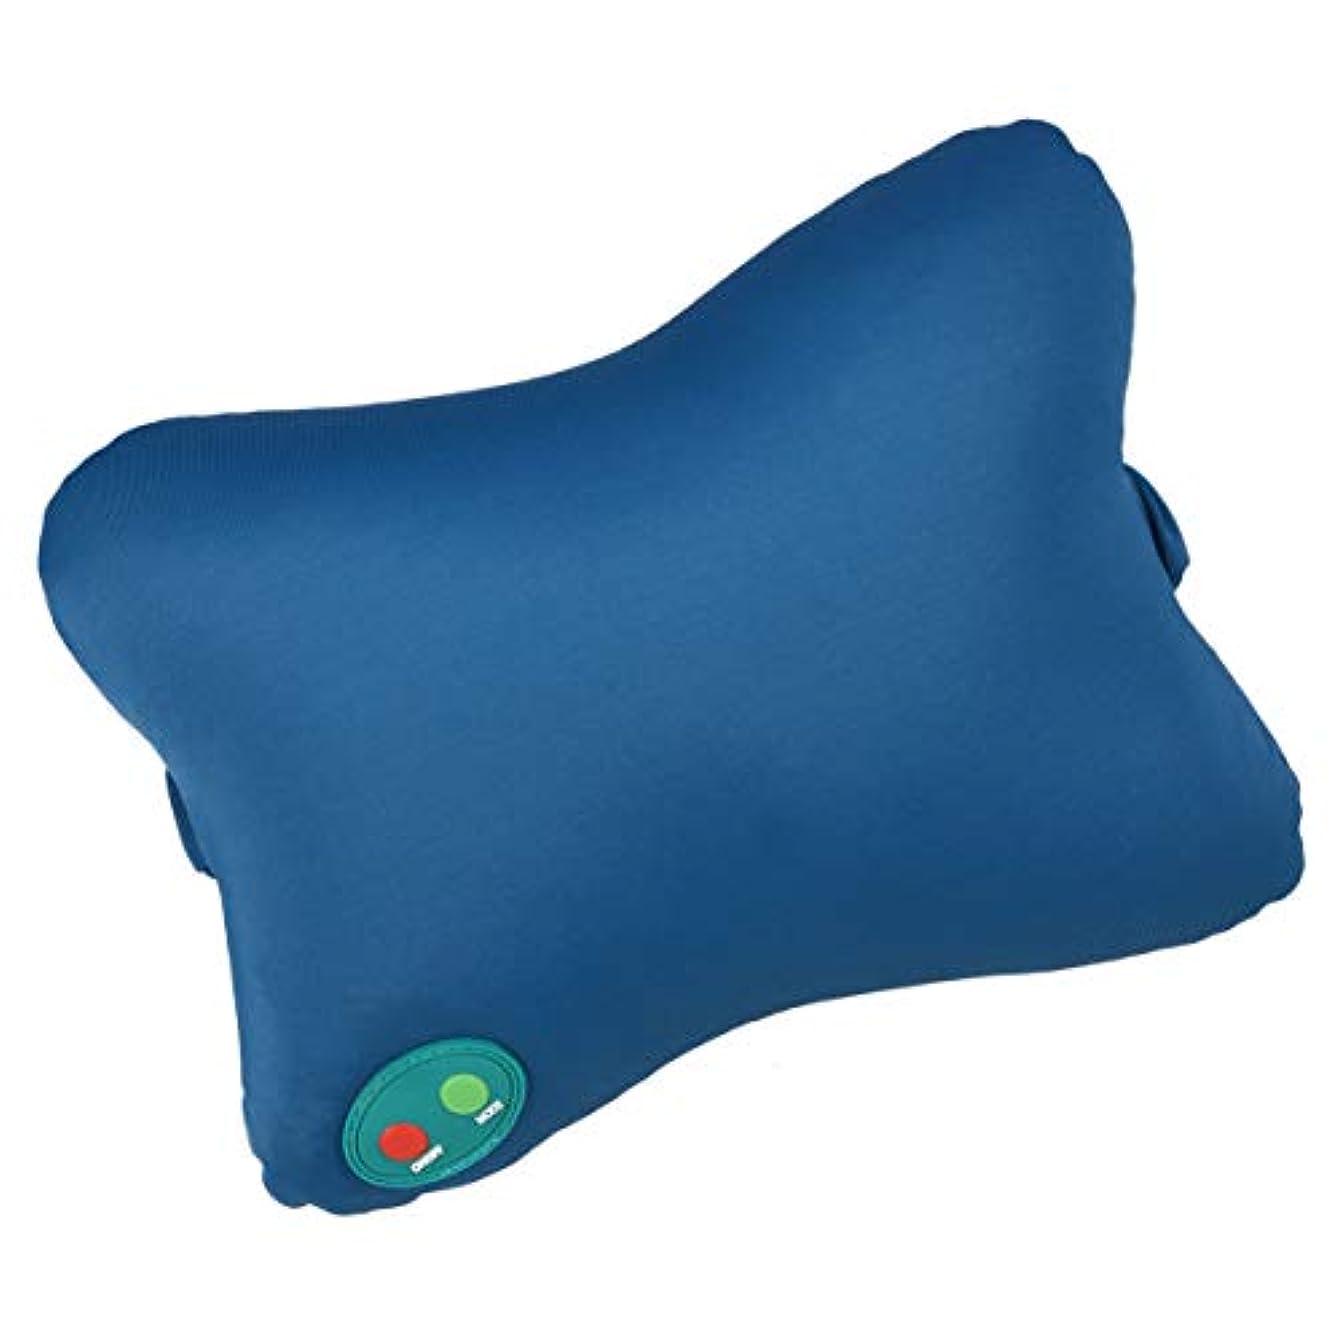 人形摂動真っ逆さまSUPVOX マッサージ枕ポータブルマッサージャー首背中肩腕脚軽量ホームオフィスカー